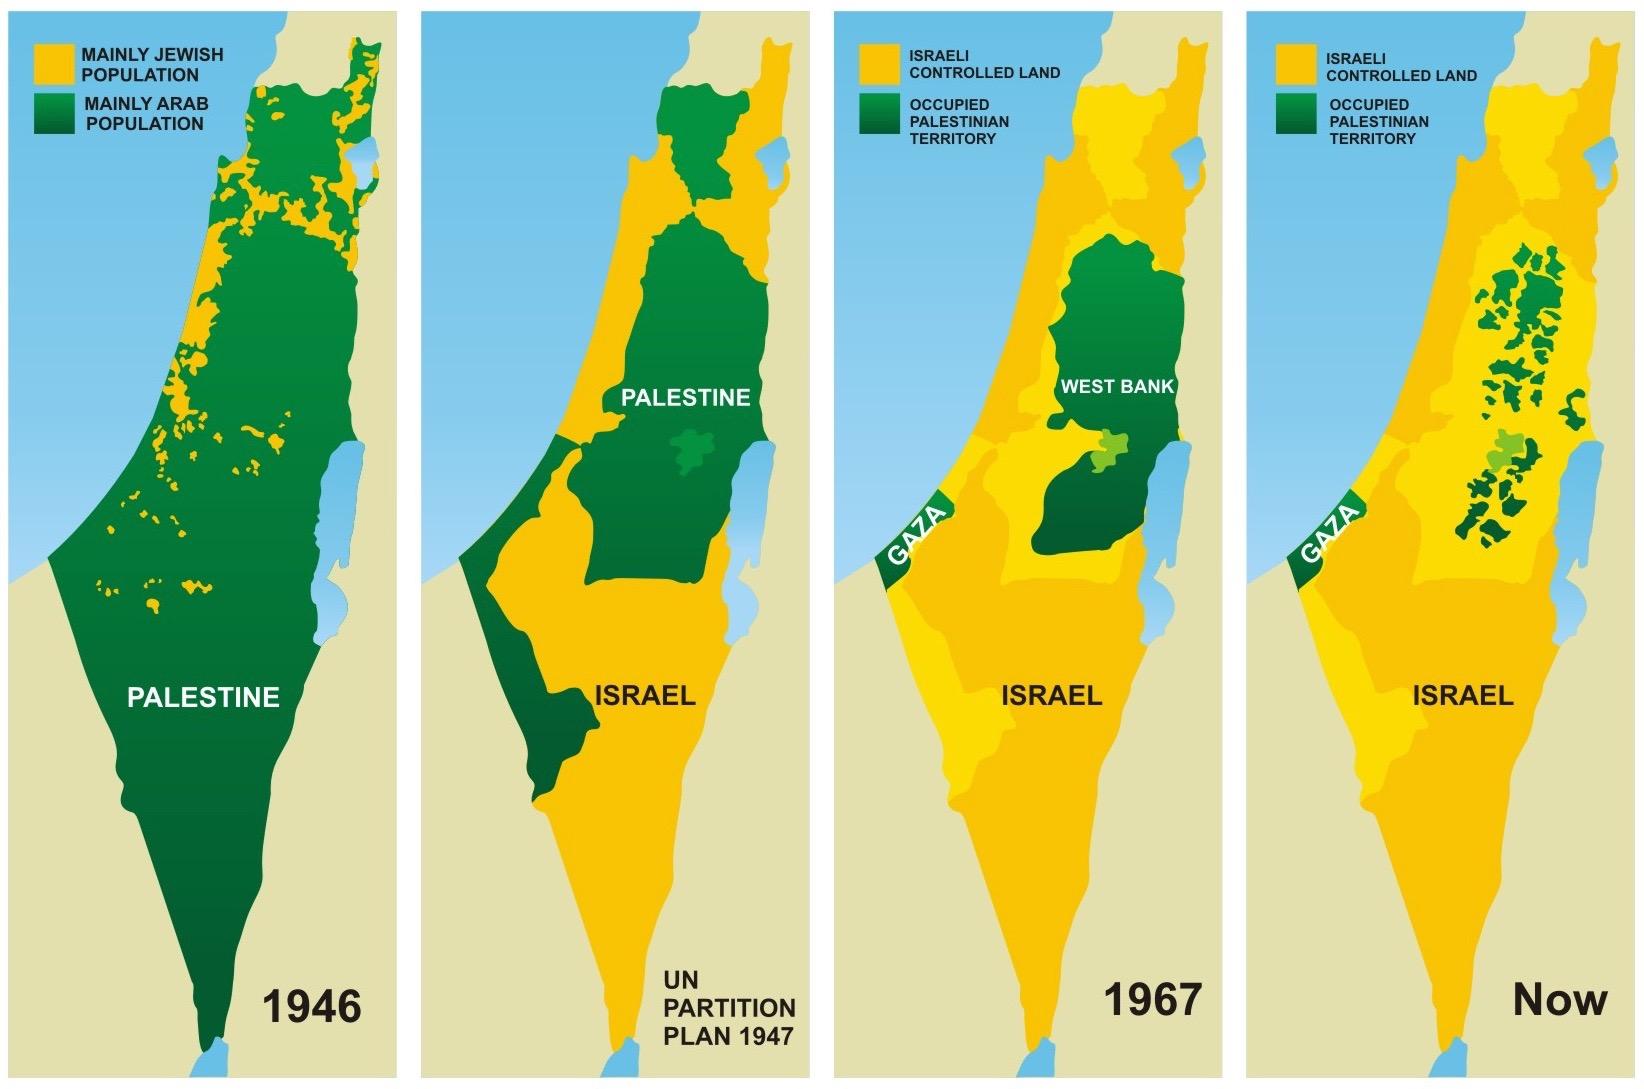 LM.GEOPOL - III-2020-1240 moscou palestine (2020 09 19) FR (2)